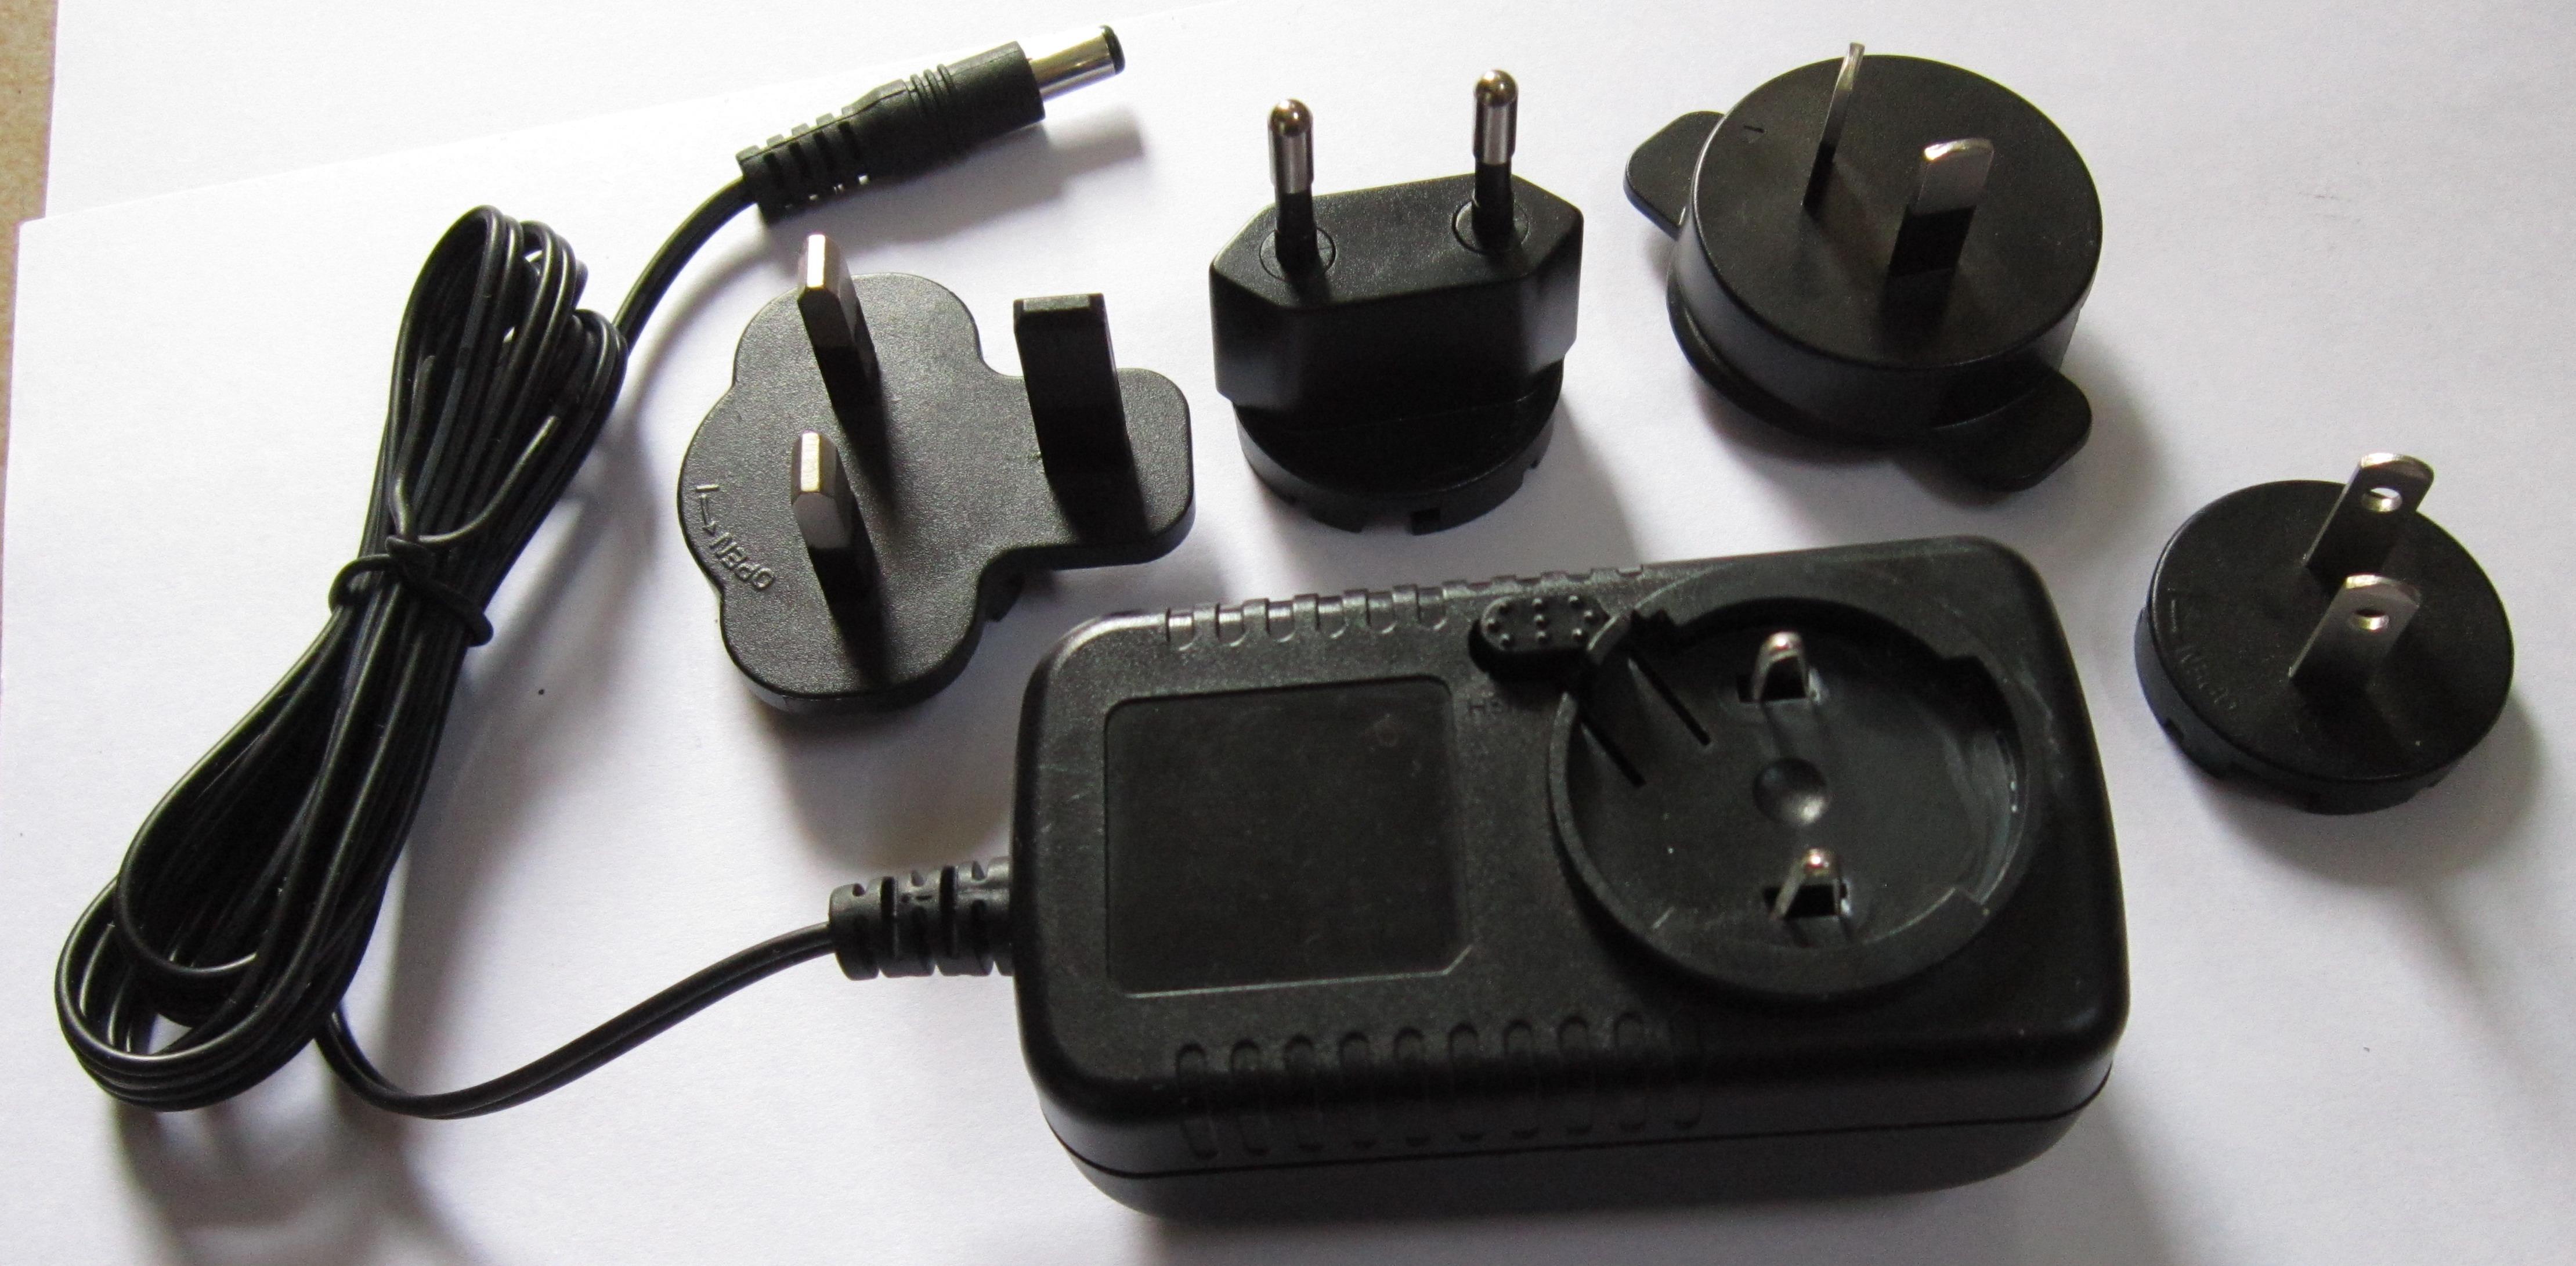 [产品介绍]: 一拖三恒流LED电源; 输入电压范围:100-240Vac,47-63Hz; 输出电流:共3路,每路220mA; 输出功率:额定28W; 输出电压范围:38-46Vdc; 效率:最大可达90%; 另有多种规格供选择: 1、一拖三led电源,三路输出恒流30mA,输出功率19W,输出电压范围180-215V。最佳电压214.